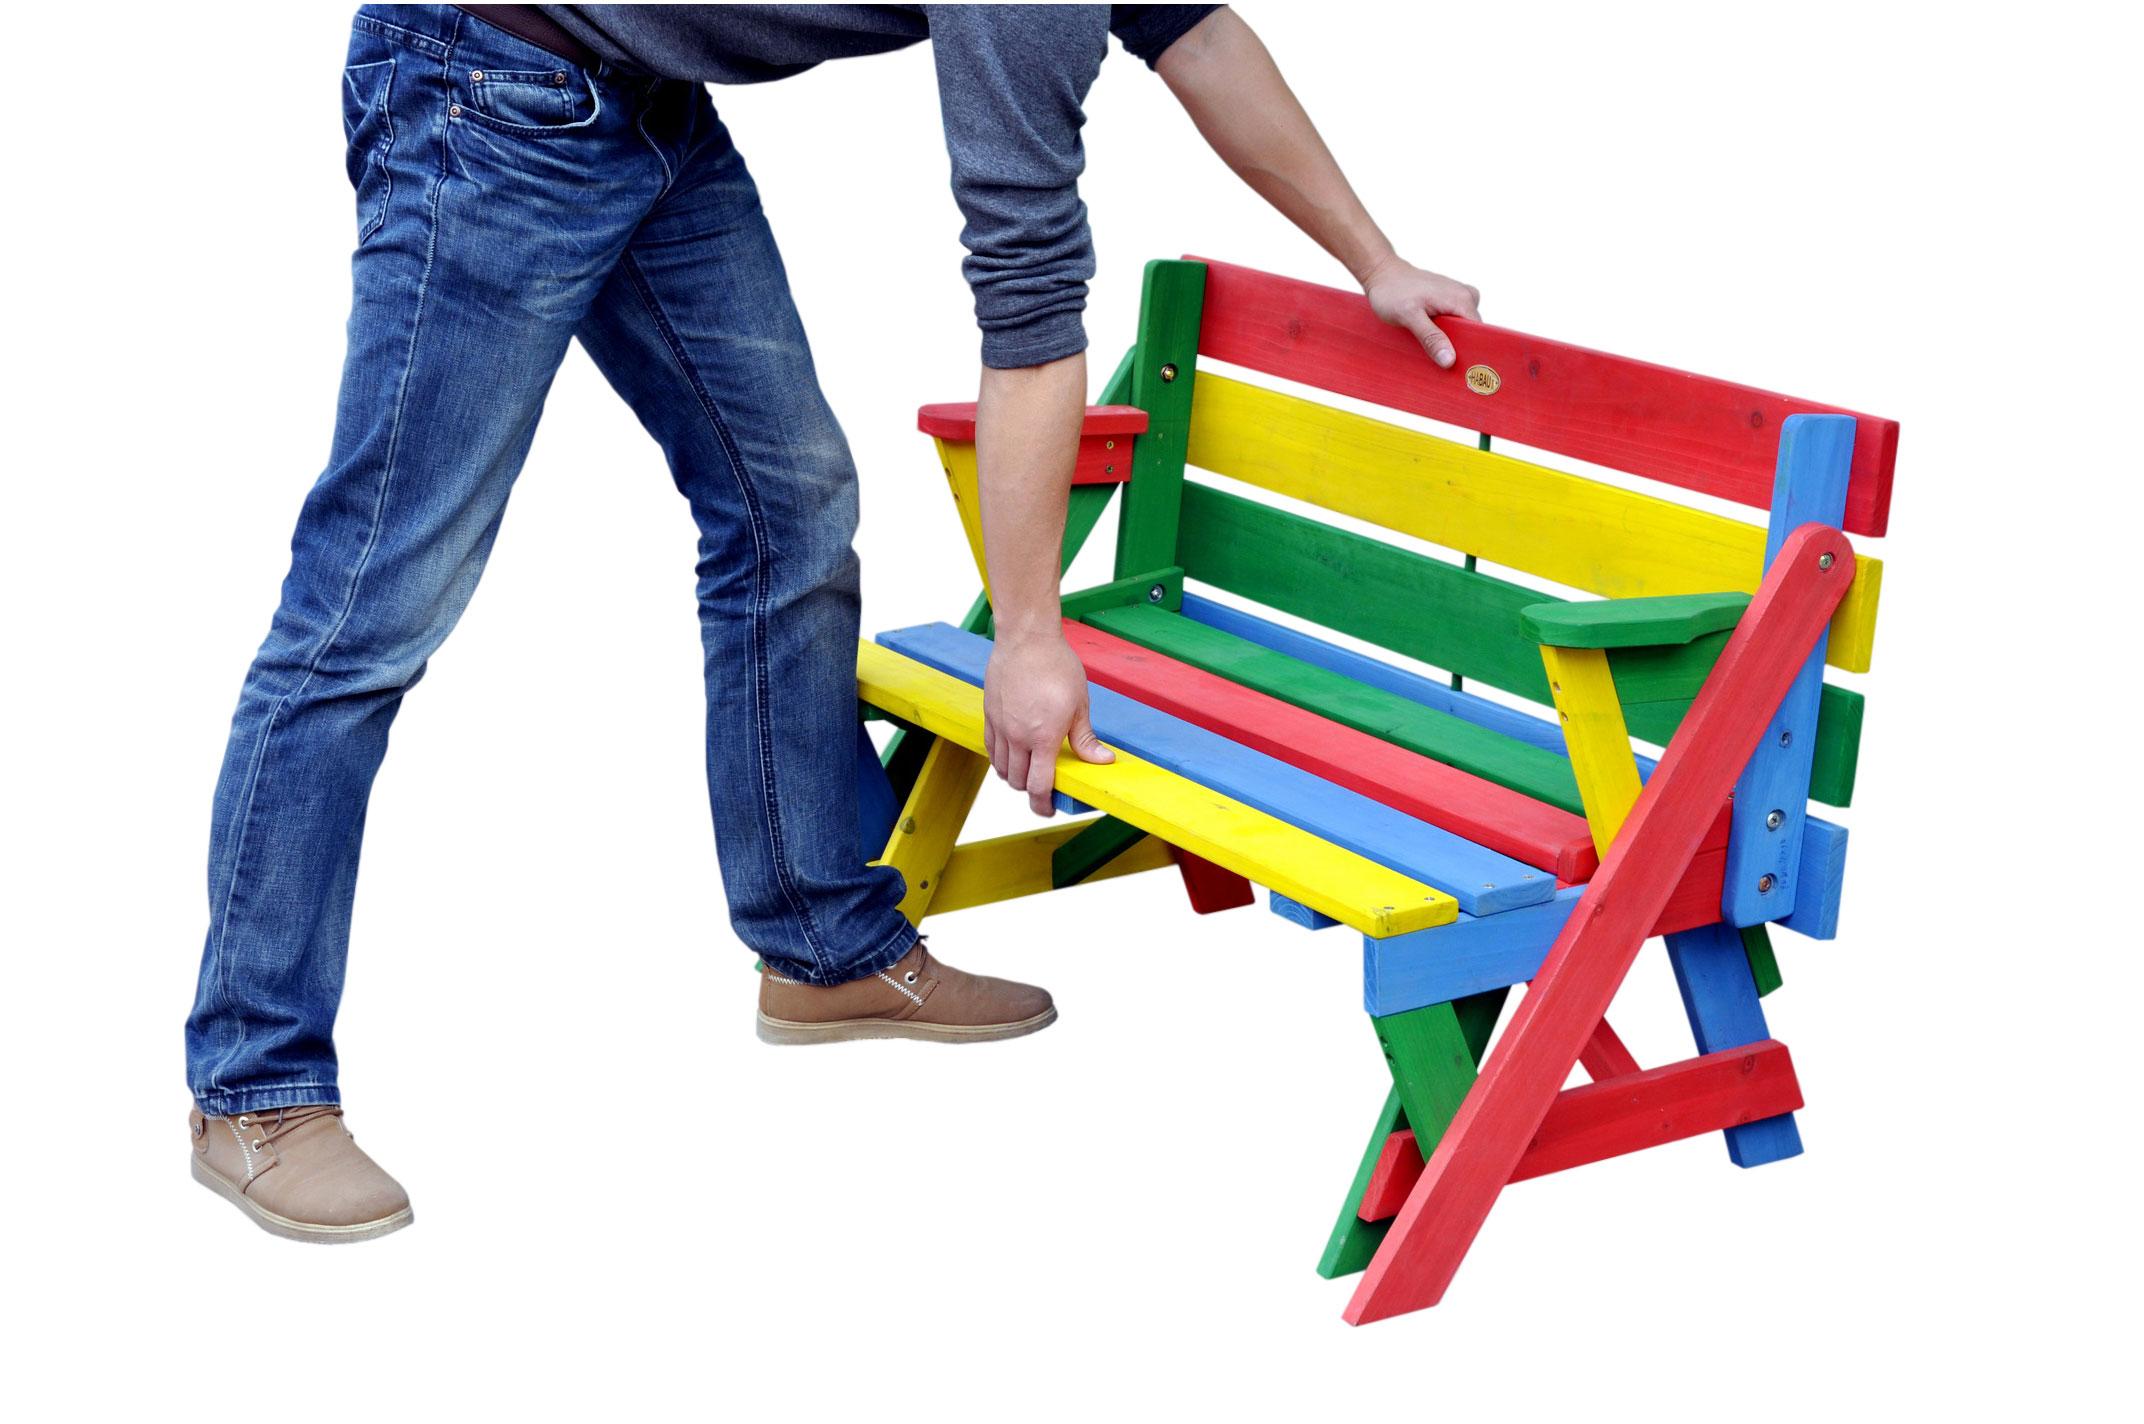 kinder picknicktisch sitzbank habau farbig klappbar 2. Black Bedroom Furniture Sets. Home Design Ideas